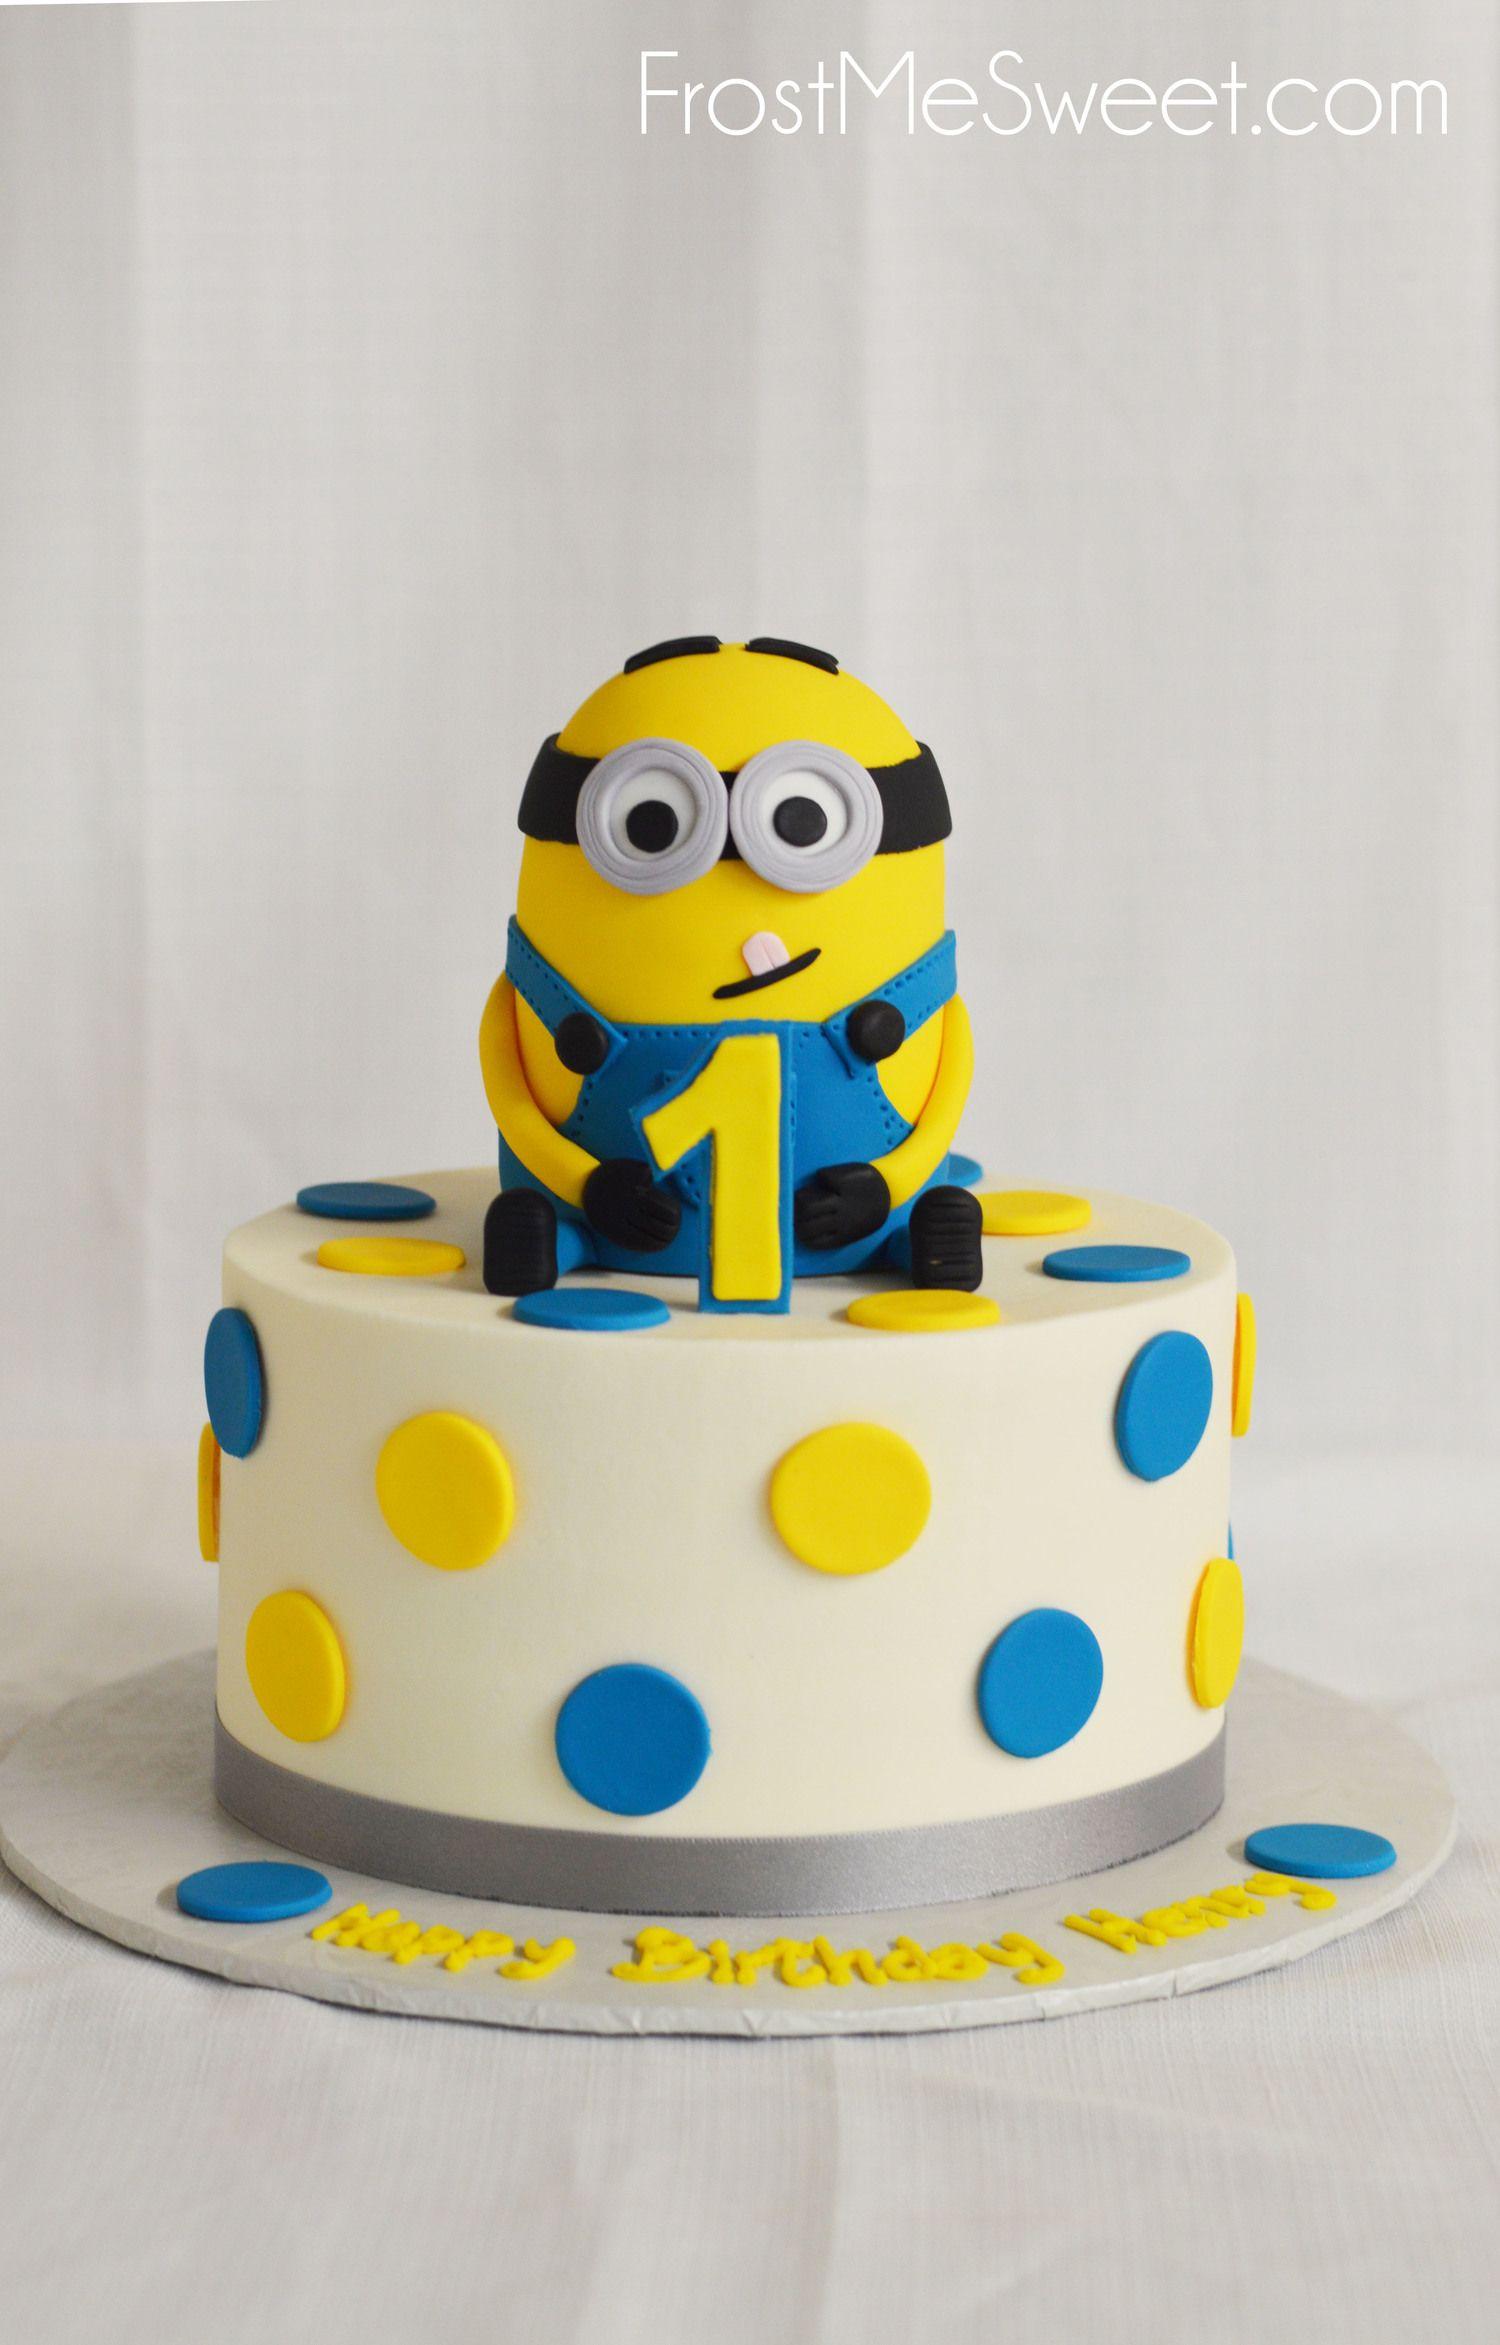 Minion Cake Minion Birthday Cake Birthday Cake Singapore First